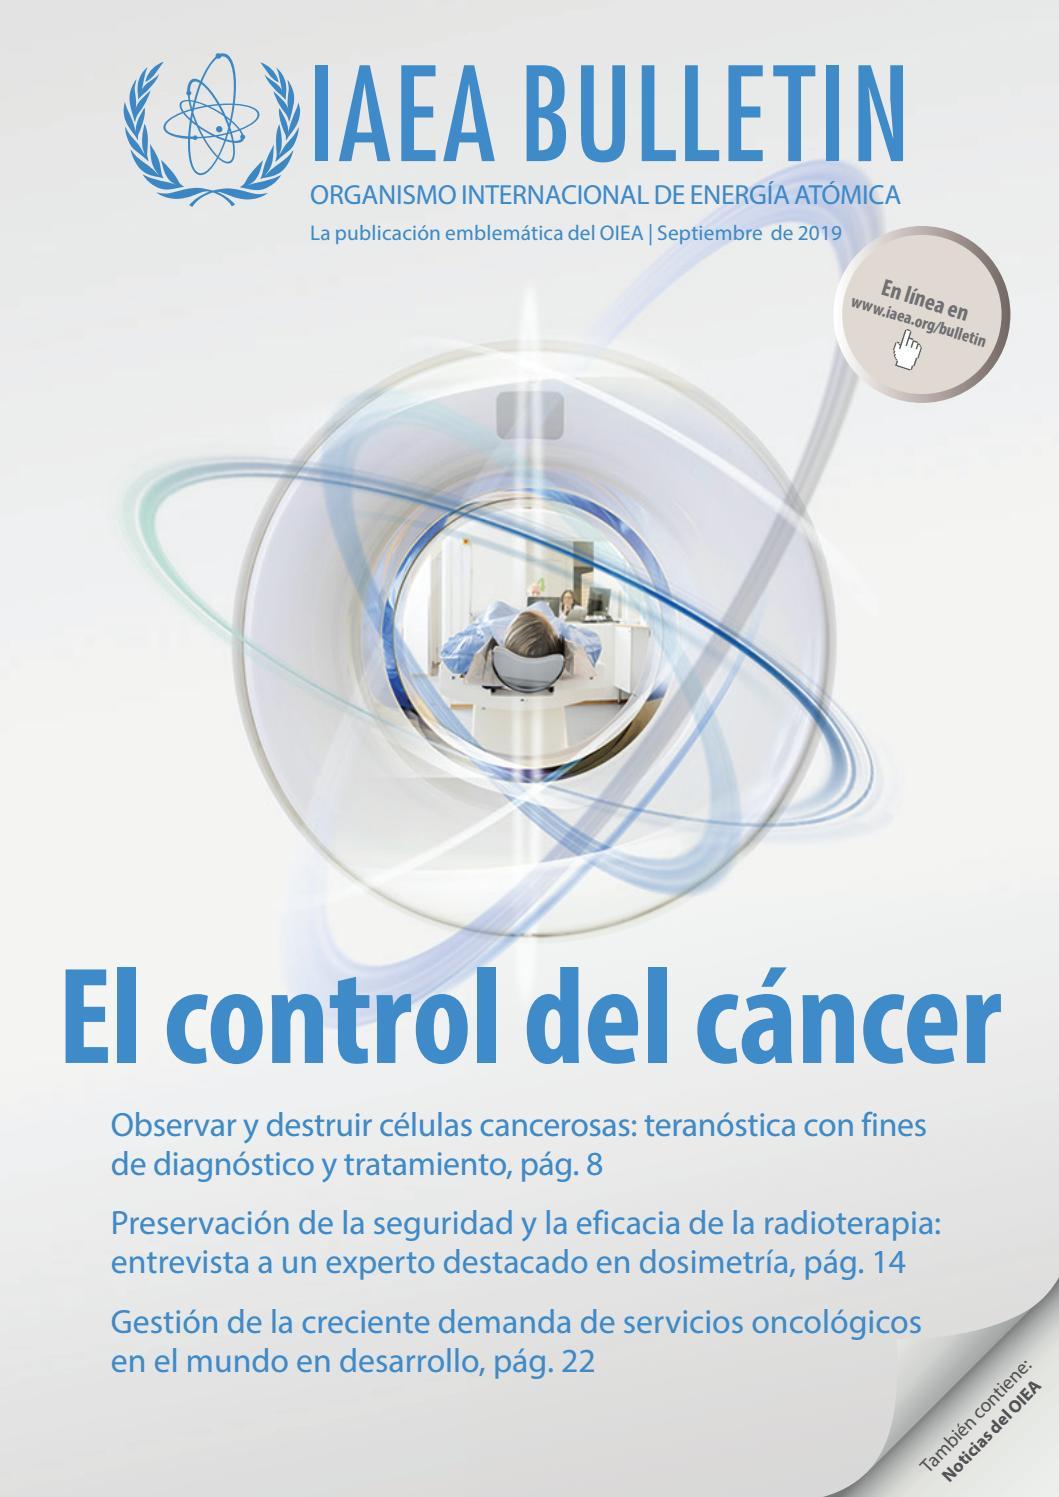 terapia de protones para los resultados de estudios clínicos sobre cáncer de próstata